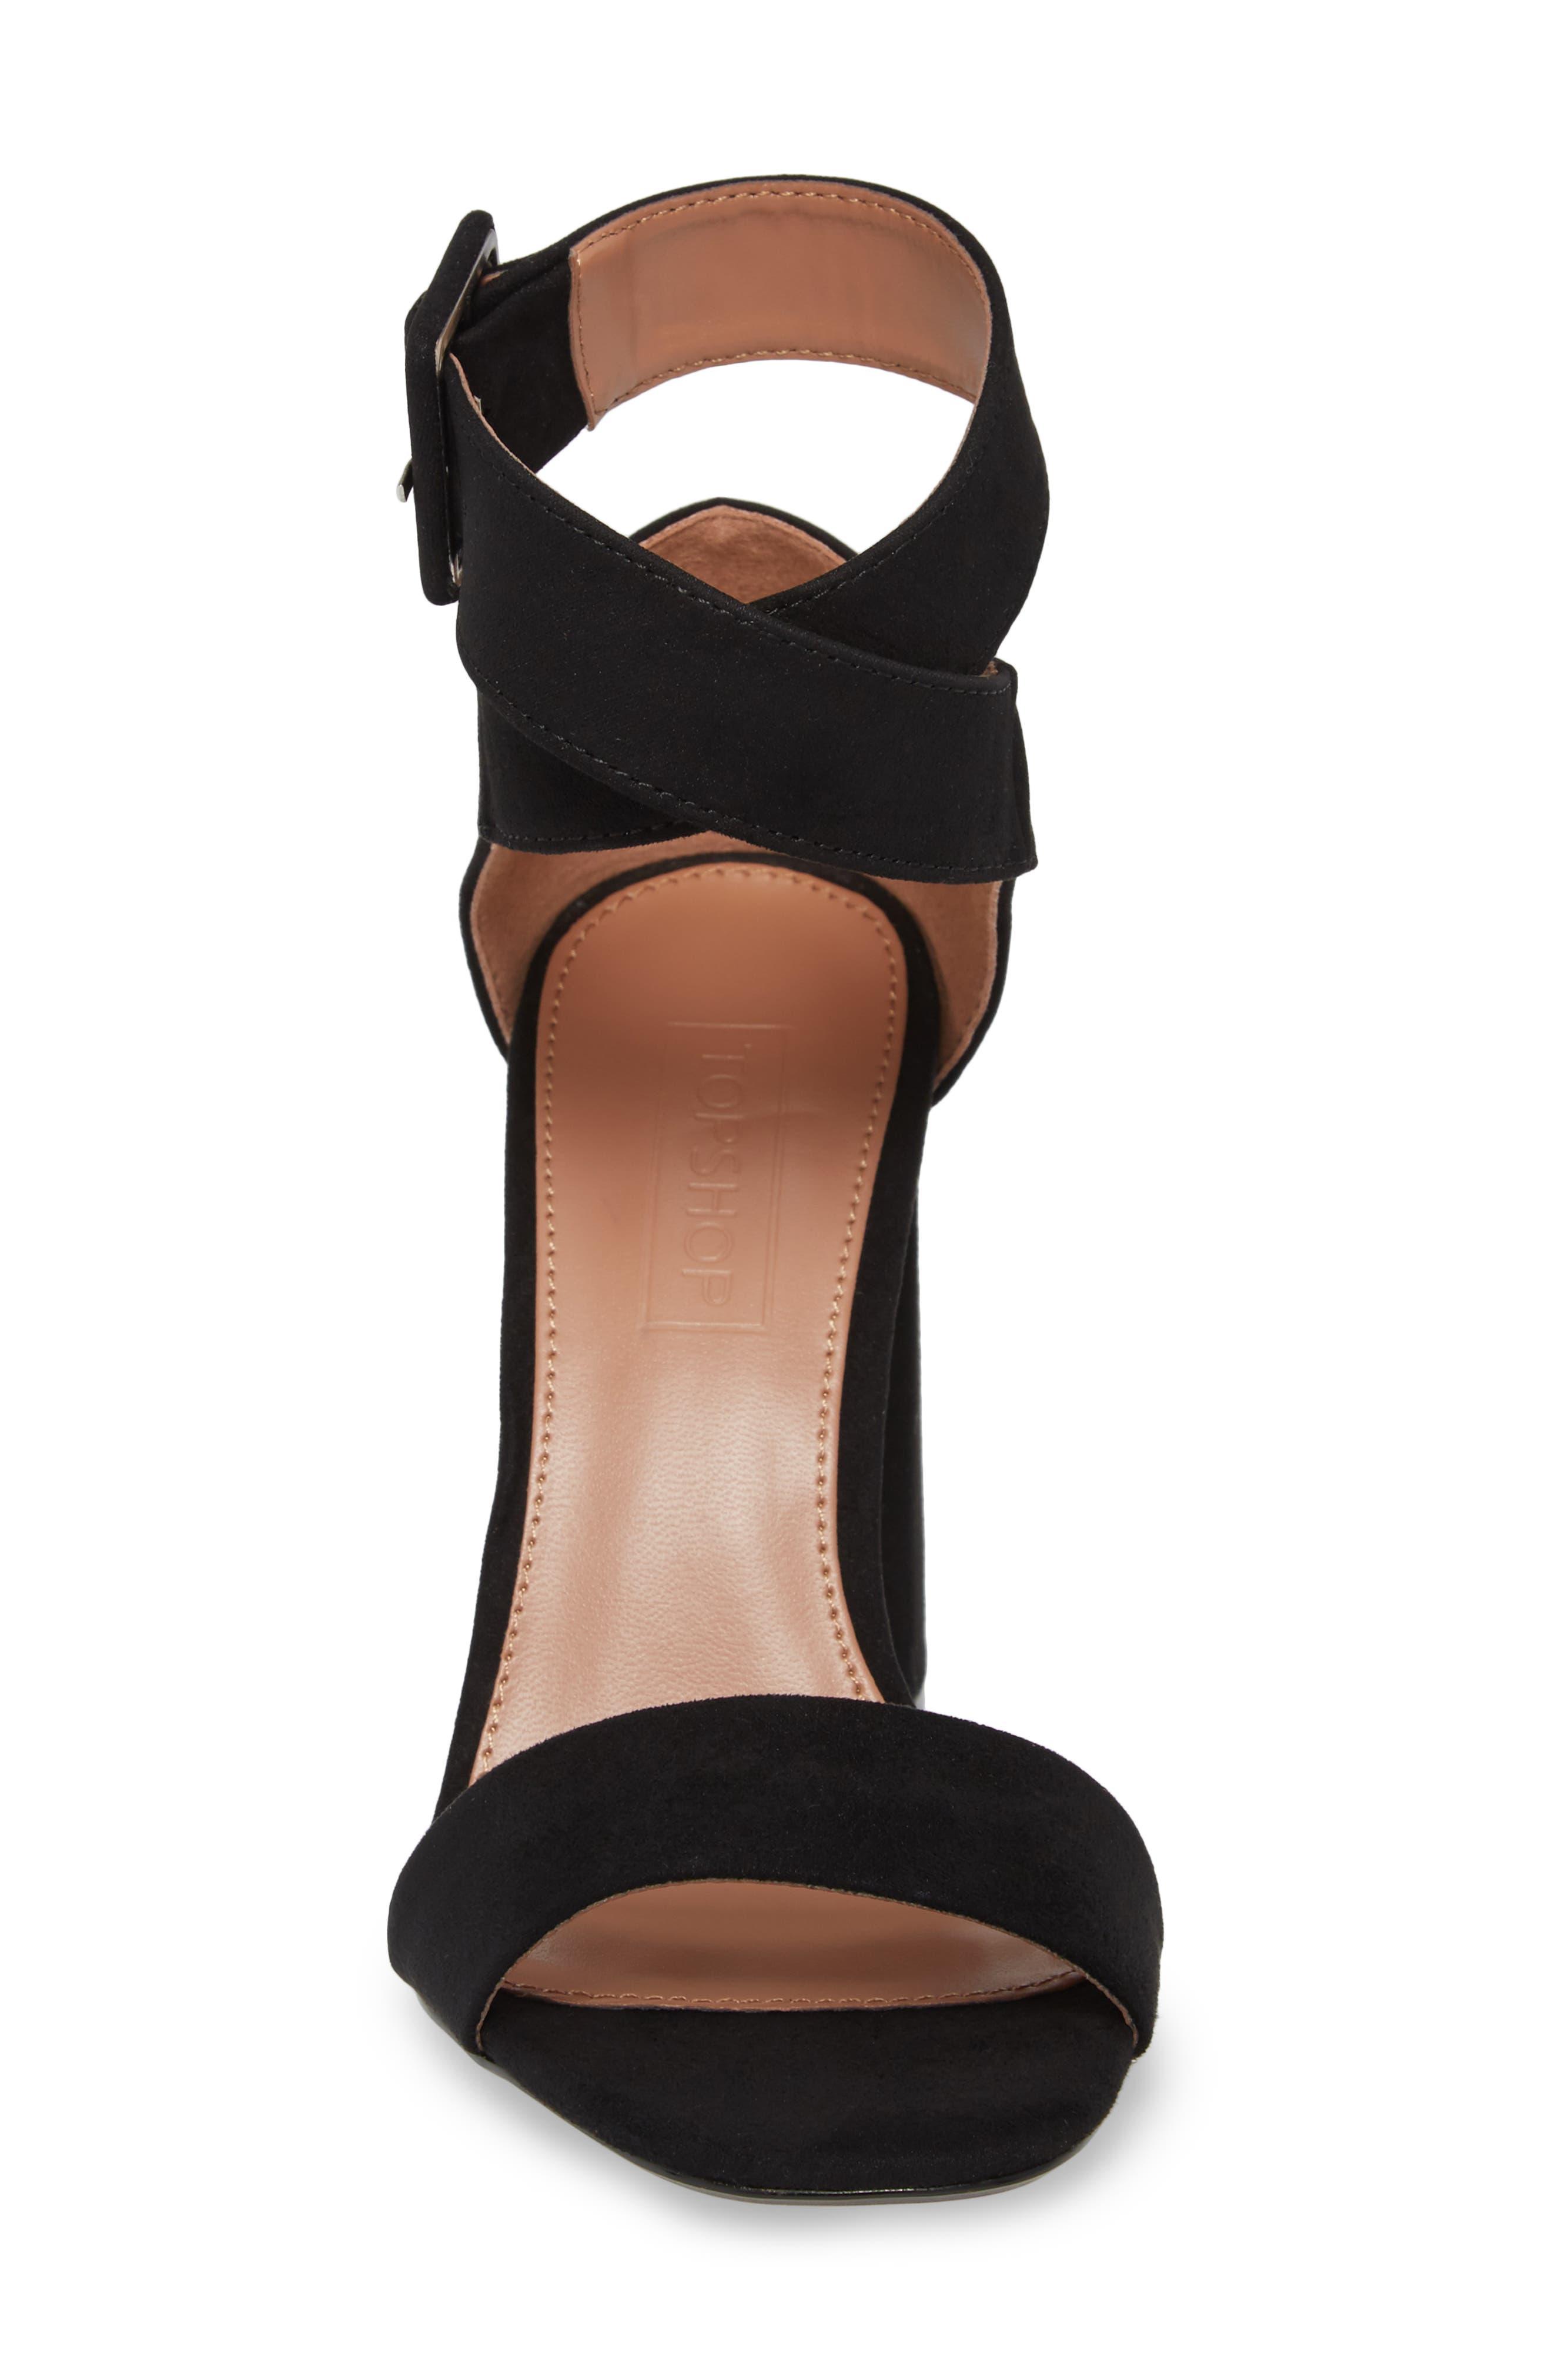 Sinitta Crossover Sandal,                             Alternate thumbnail 4, color,                             001